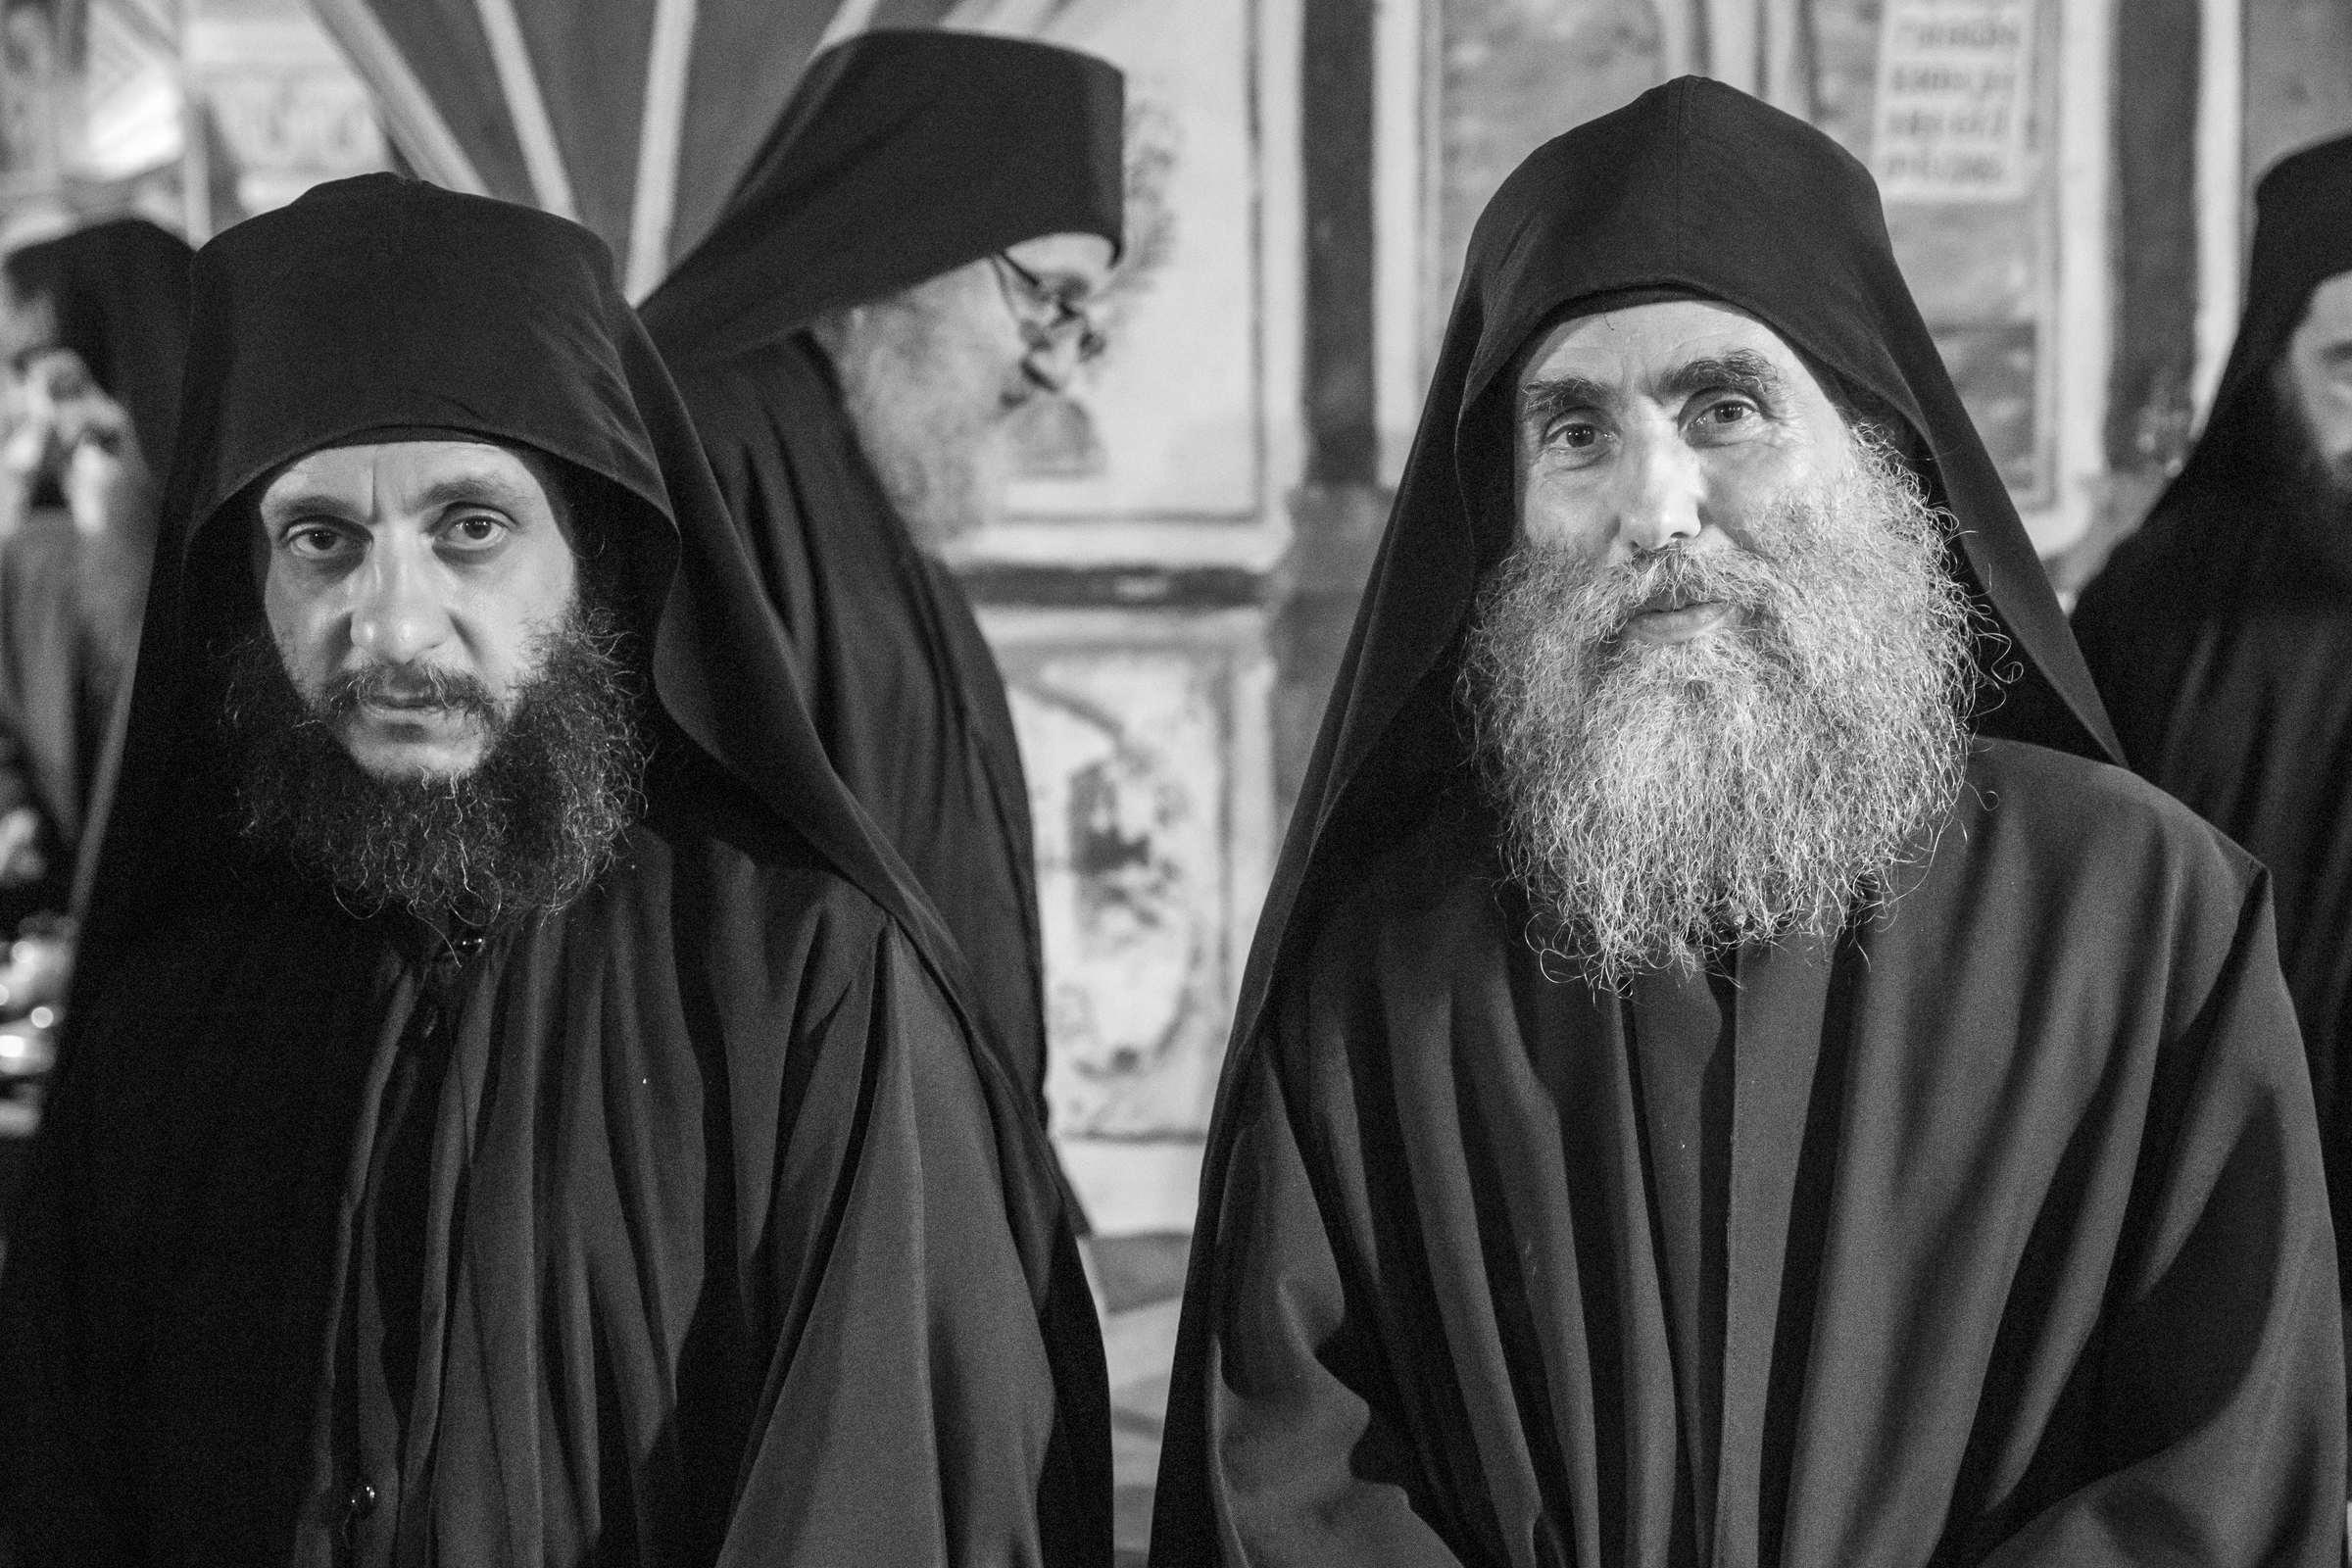 Saint Eprhaim of Katounakia: Everyone has a cross to carry